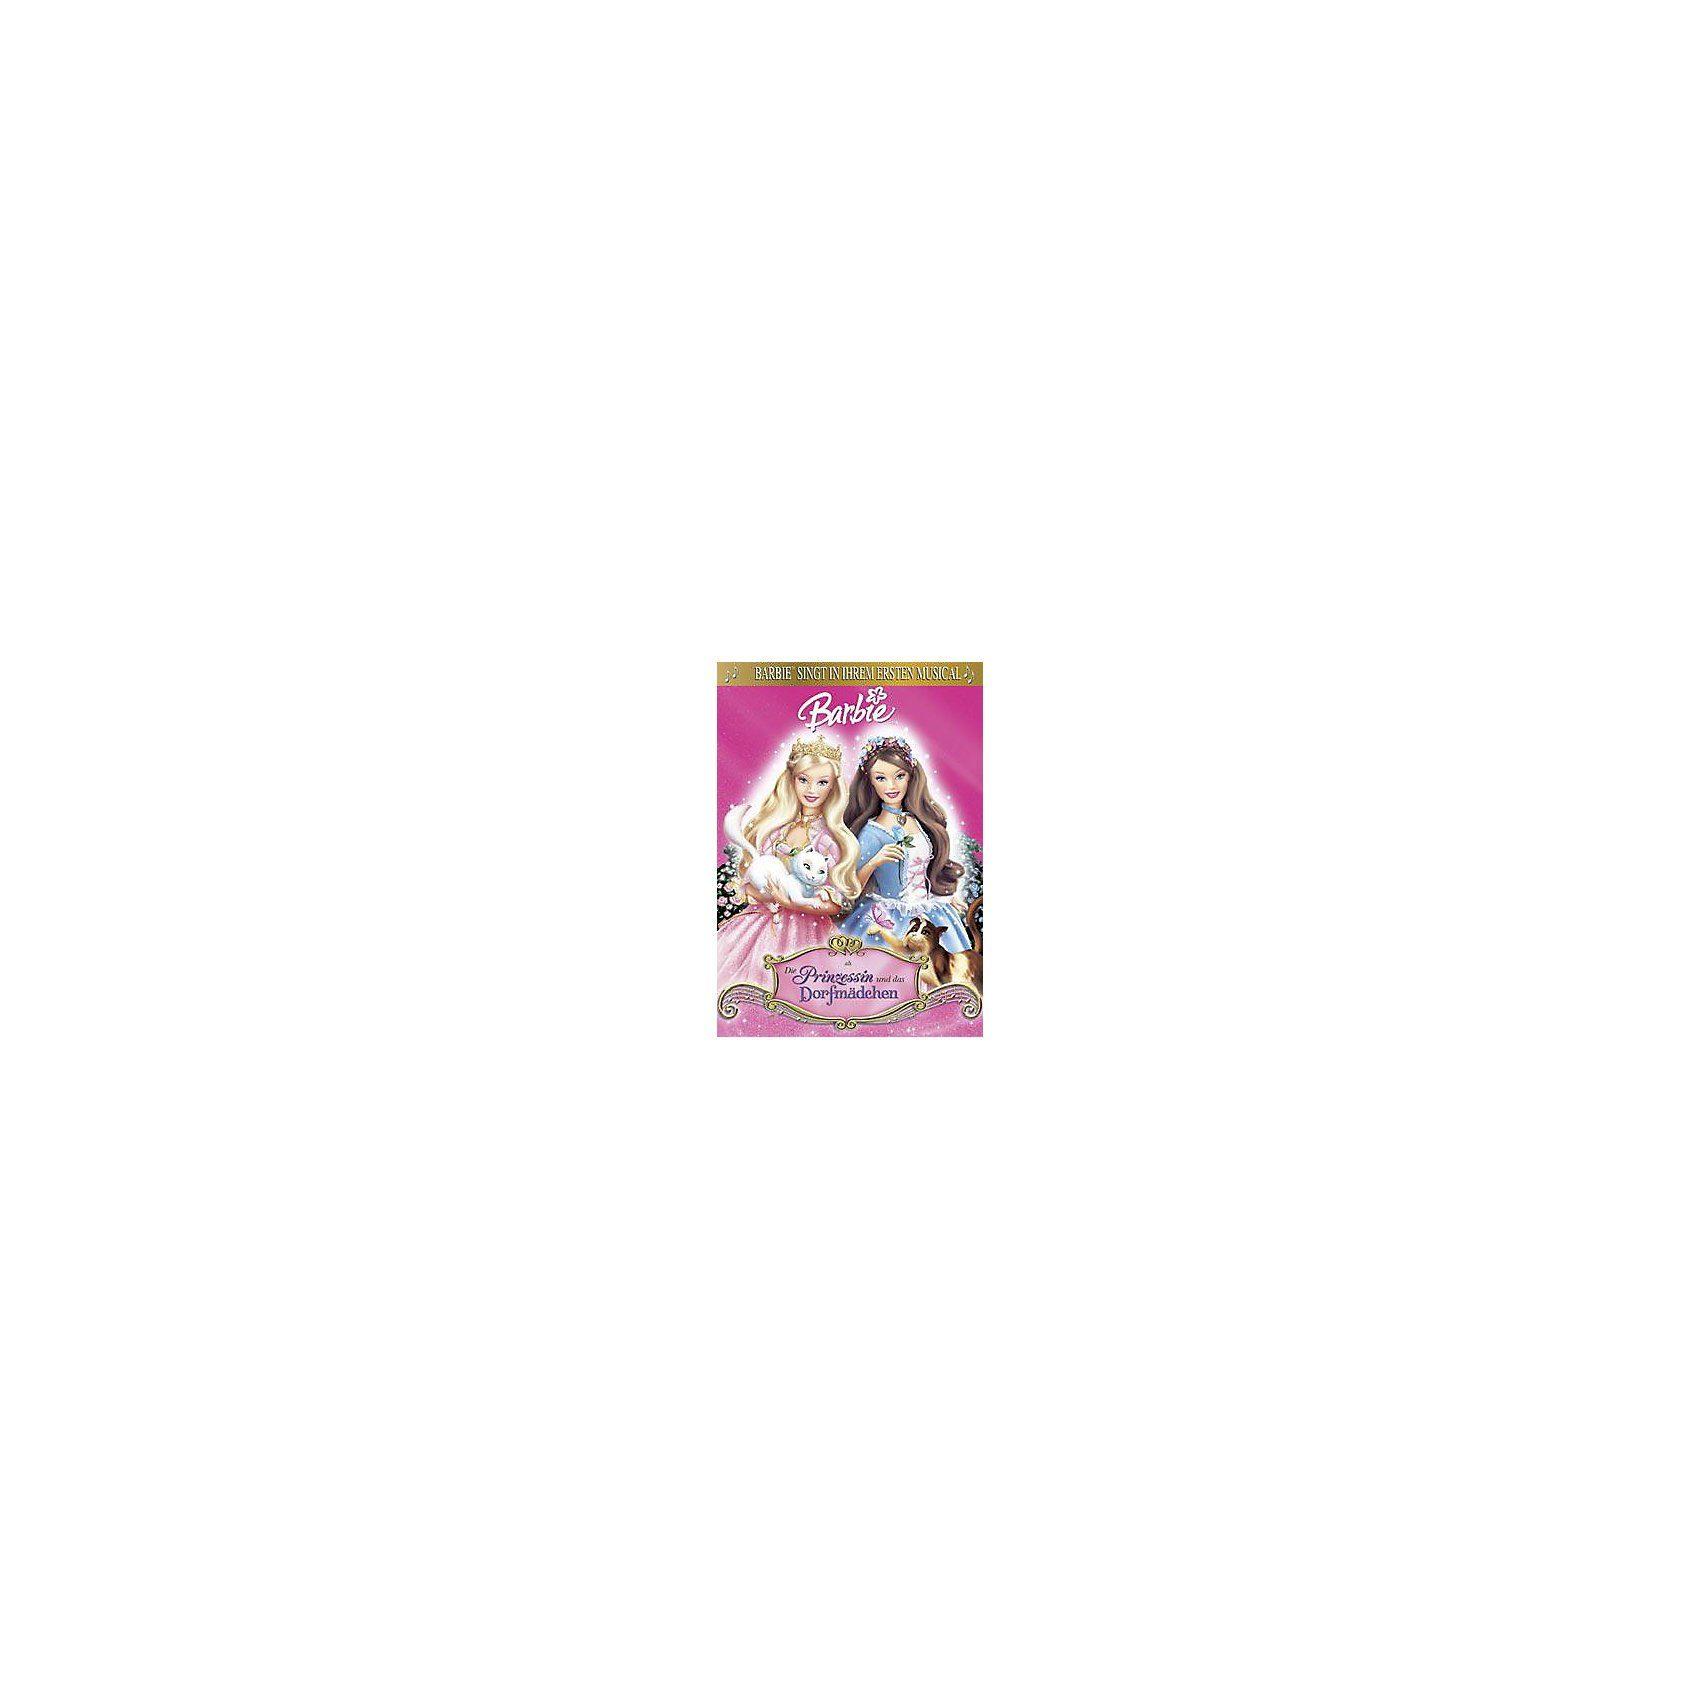 Universal DVD Barbie: Die Prinzessin und das Dorfmädchen